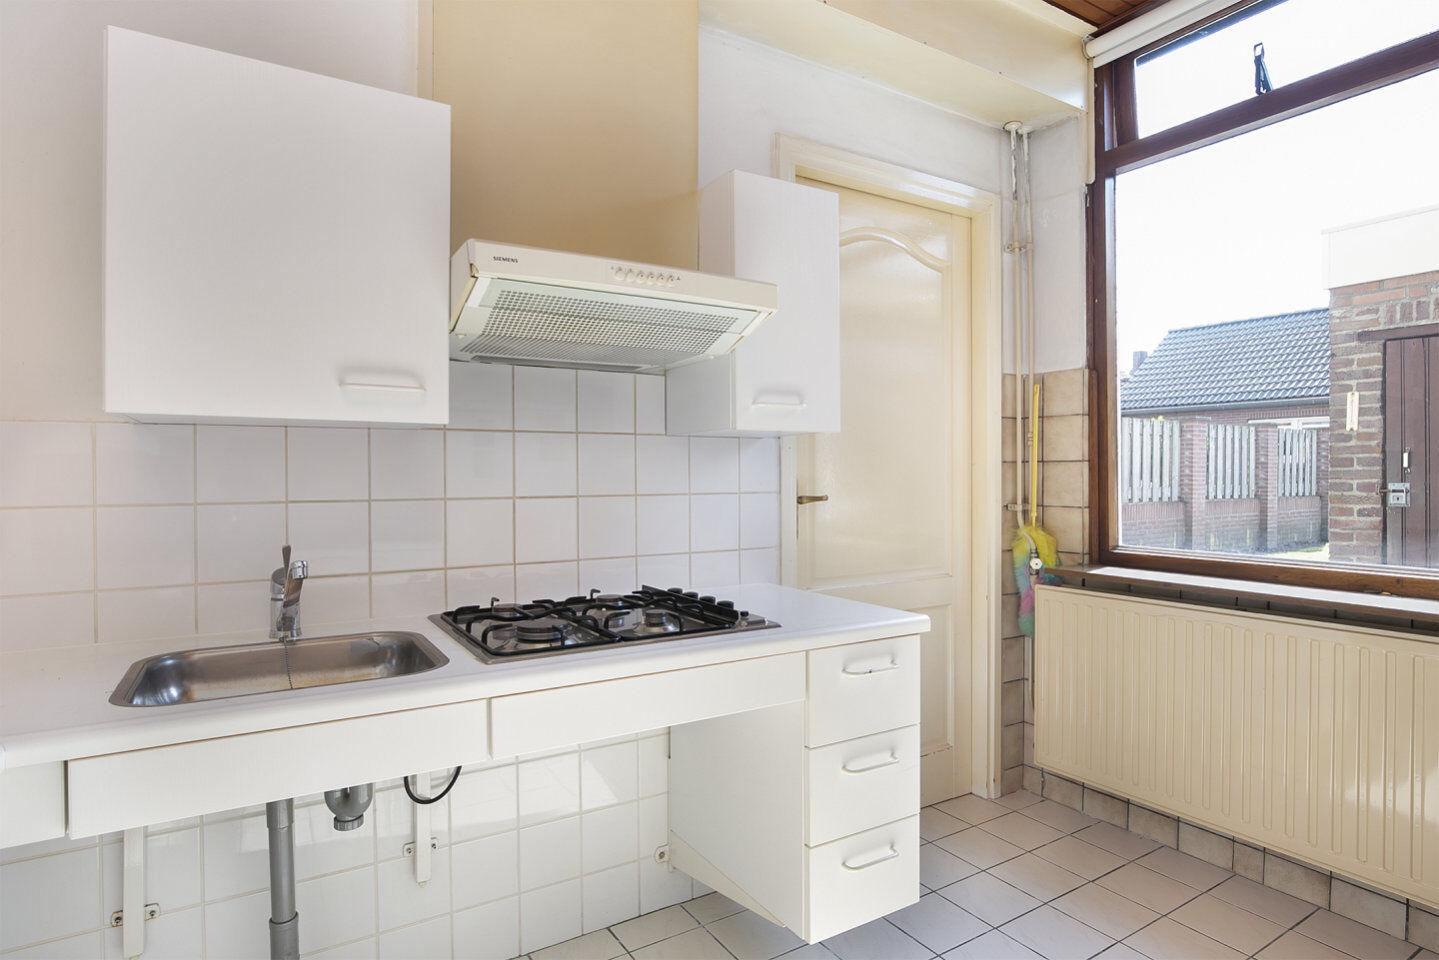 17646-wouwsestraat_17-steenbergen-4129424327